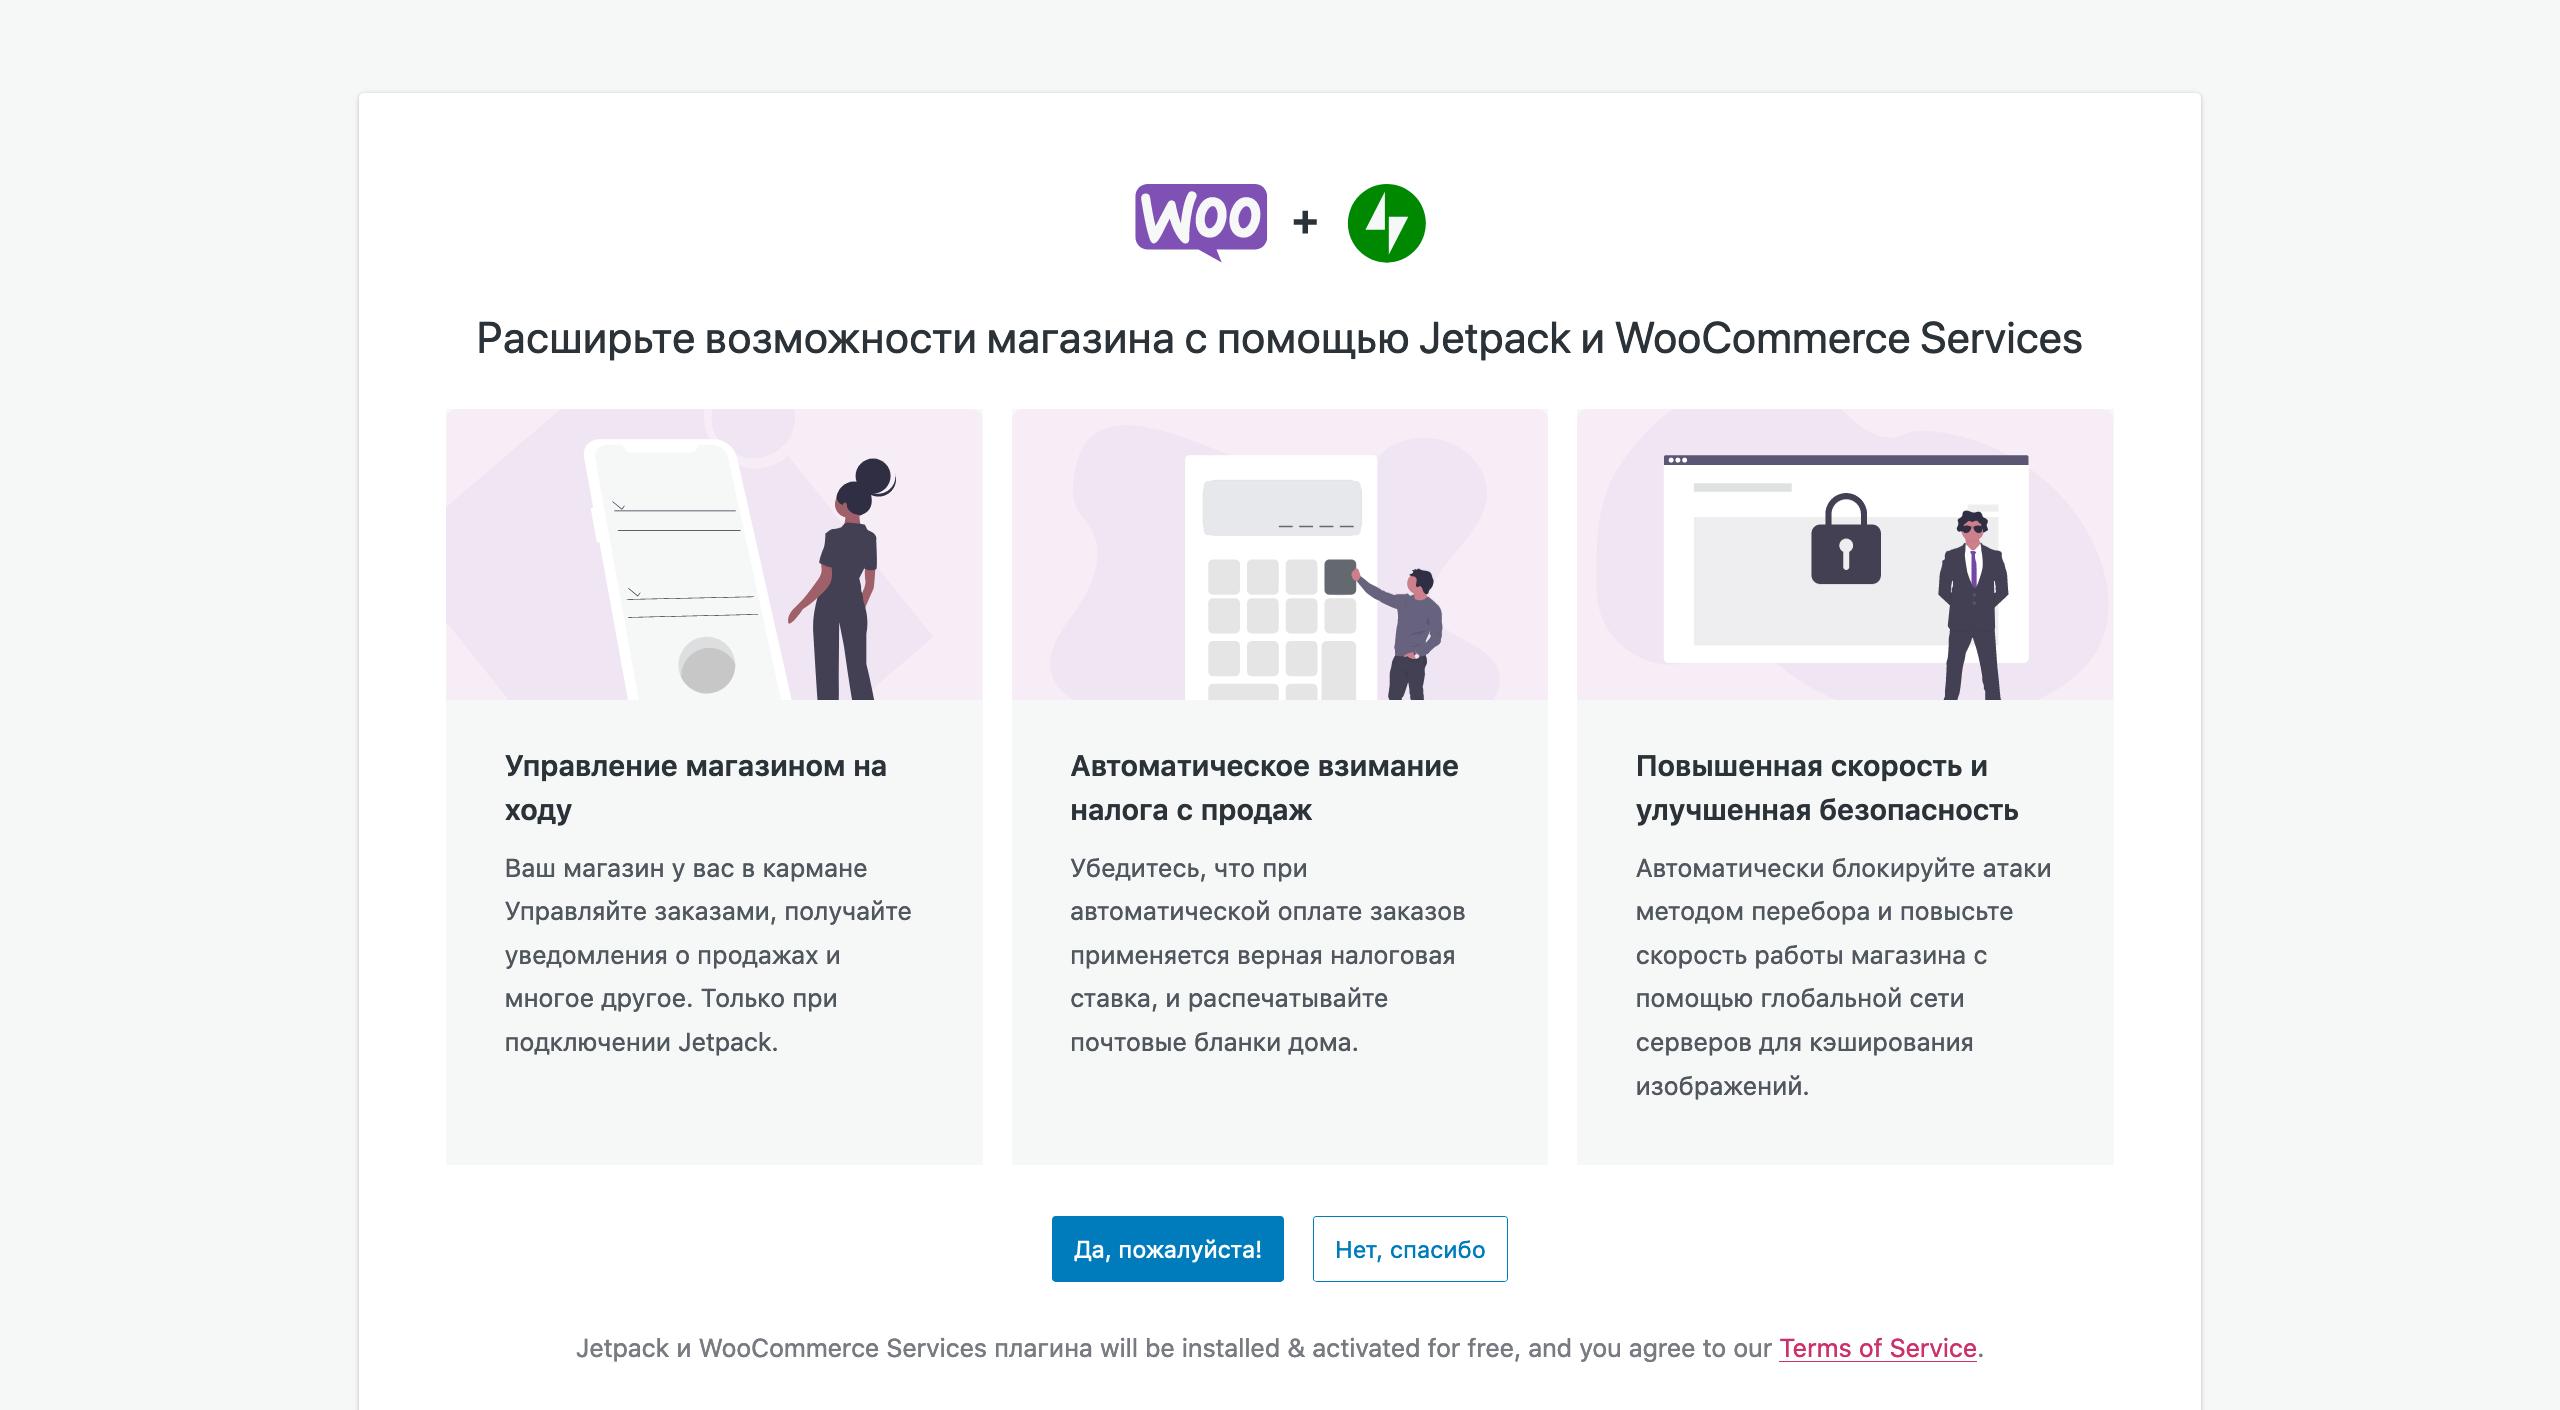 Настройка WooCommerce: дополнительные плагины